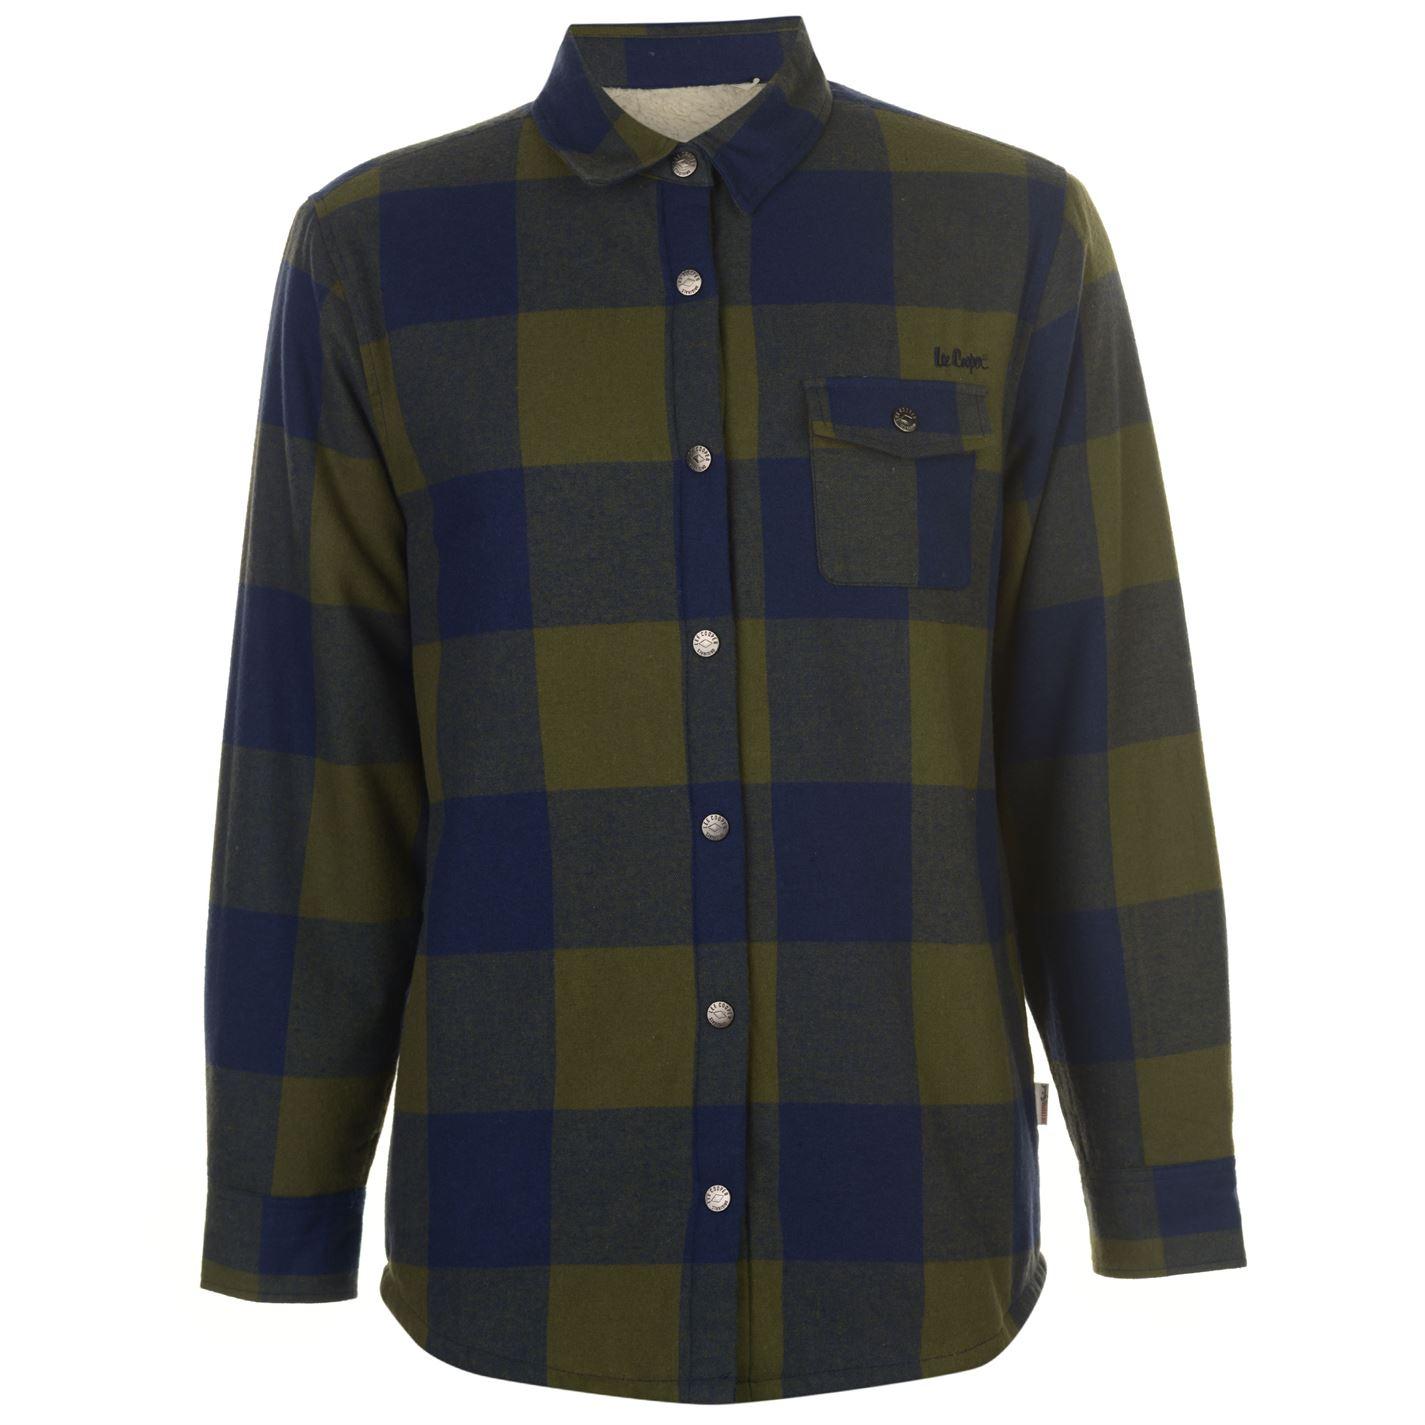 Lee Cooper Lined Flannel Pánská košile 55058526 SD_Large